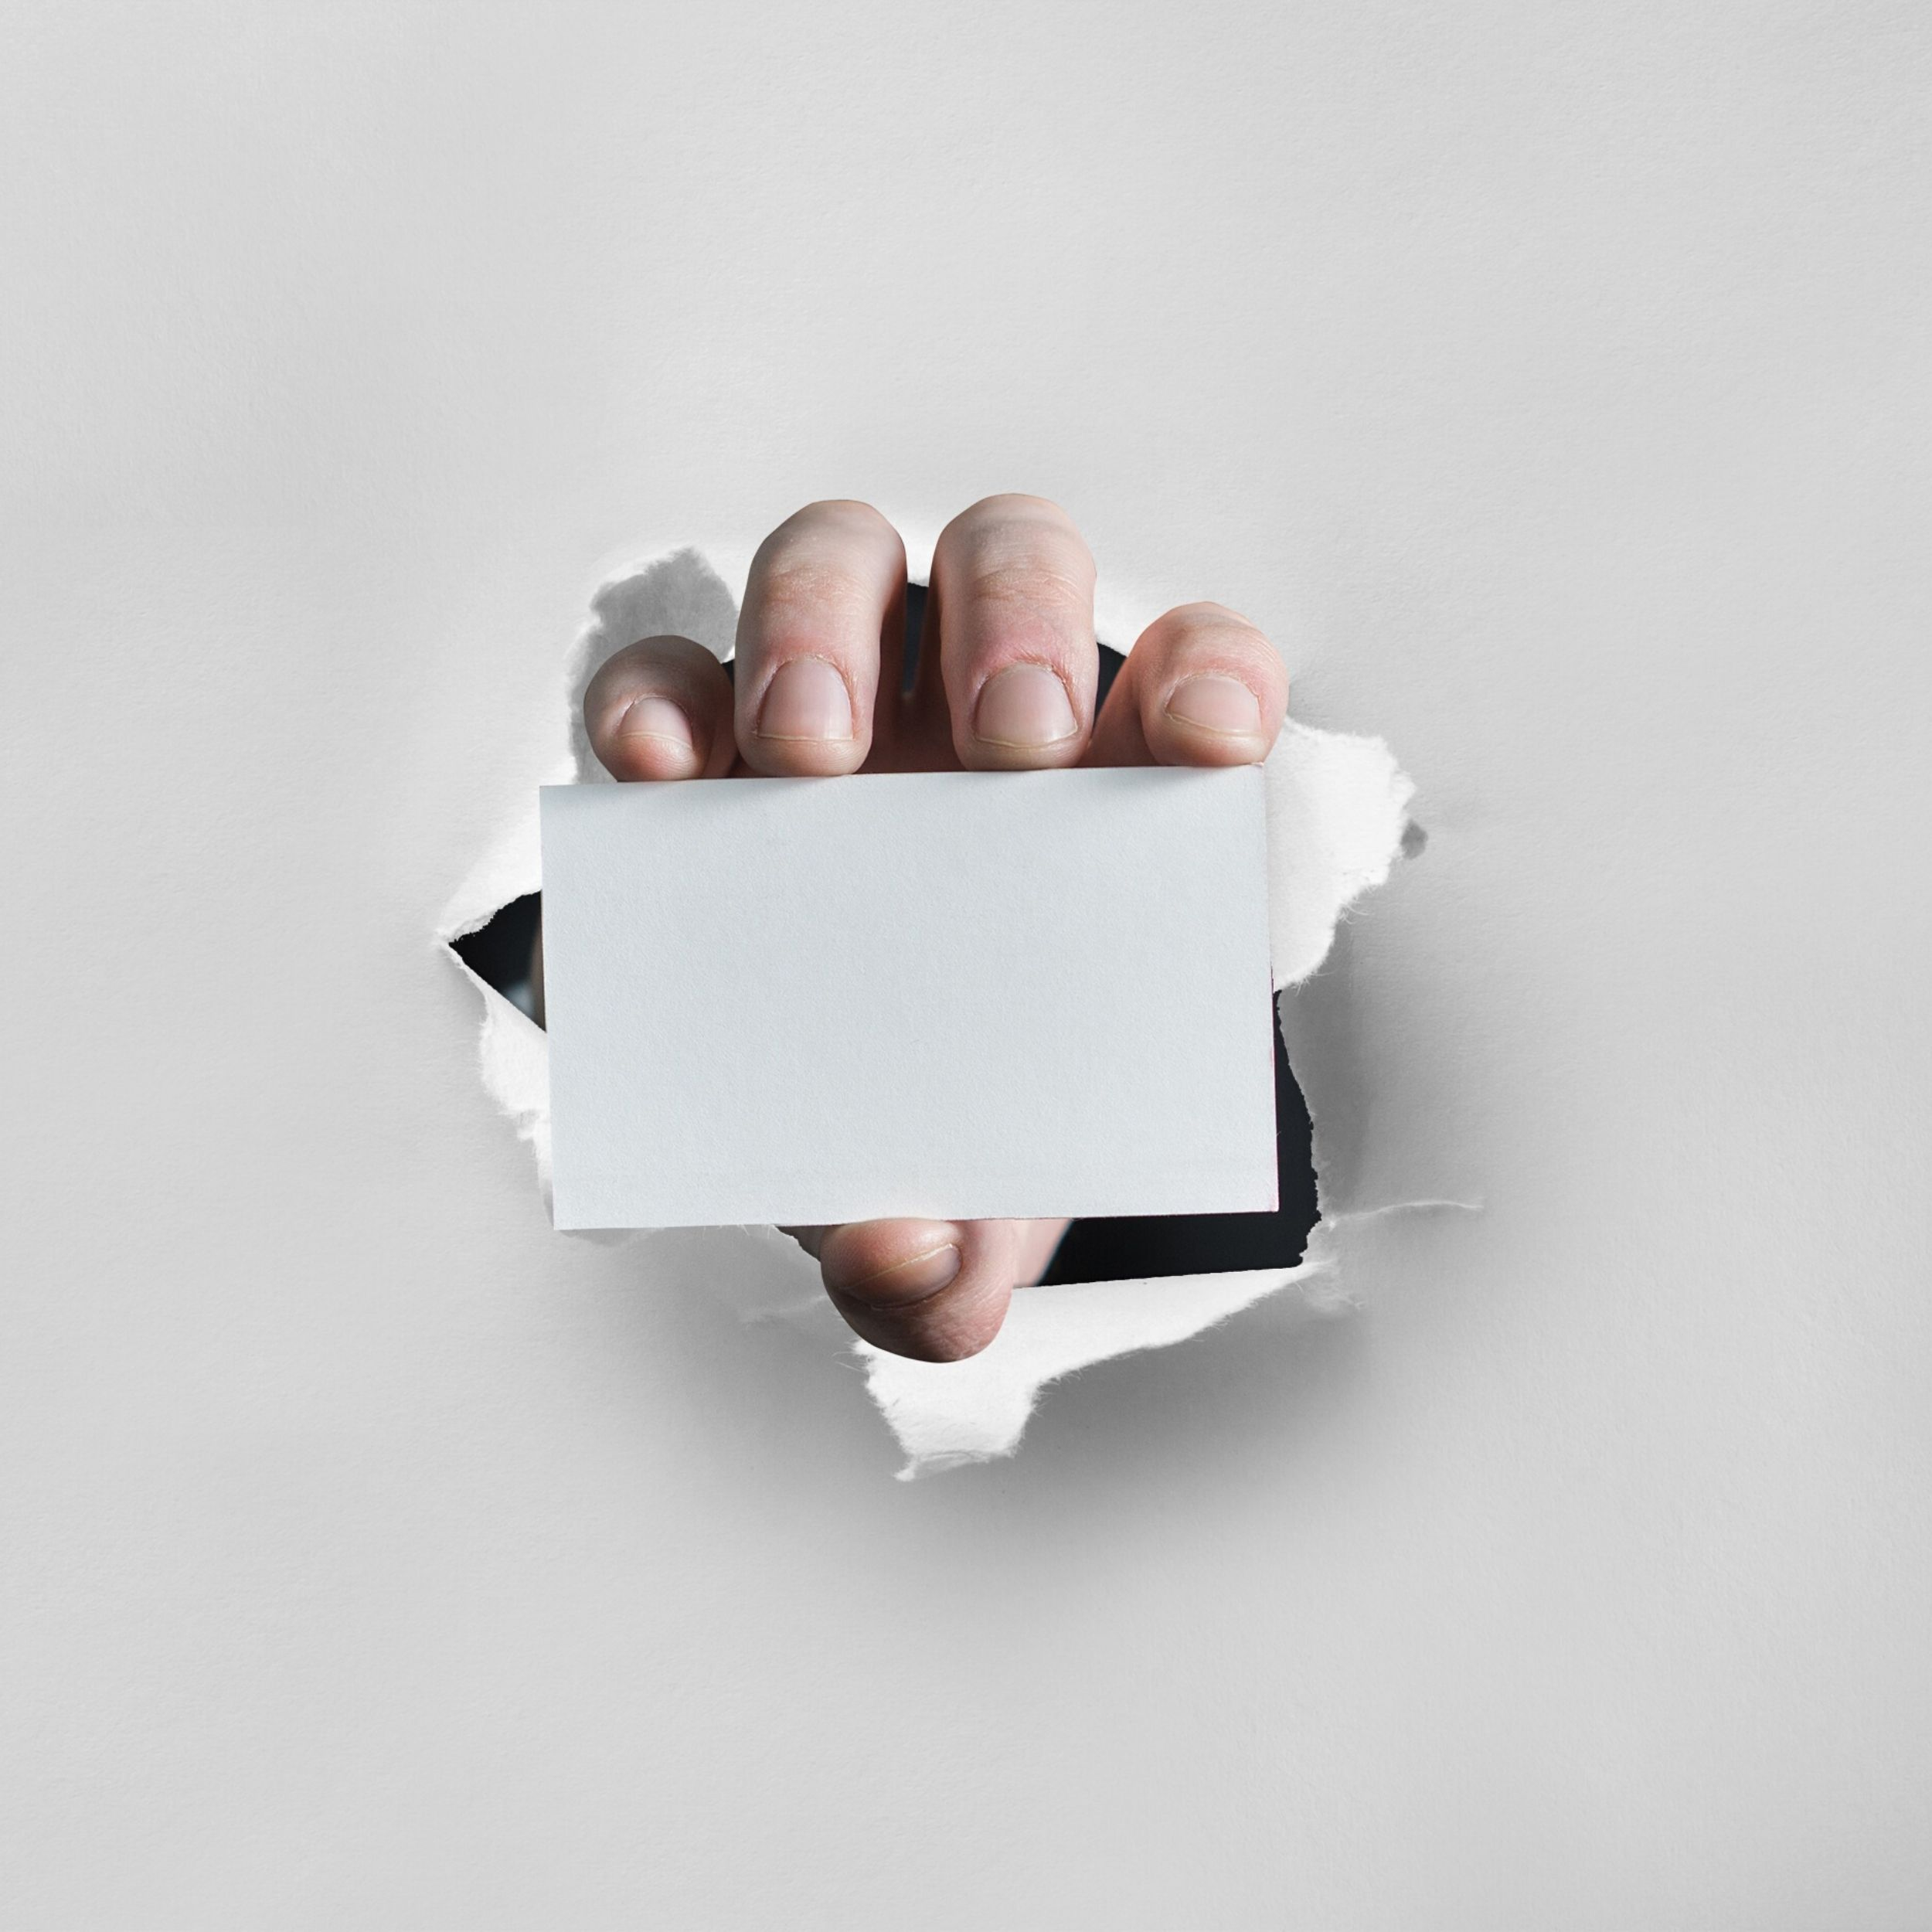 La tarjeta de fidelización. Cómo explotar el conocimiento de los datos que genera tu tarjeta